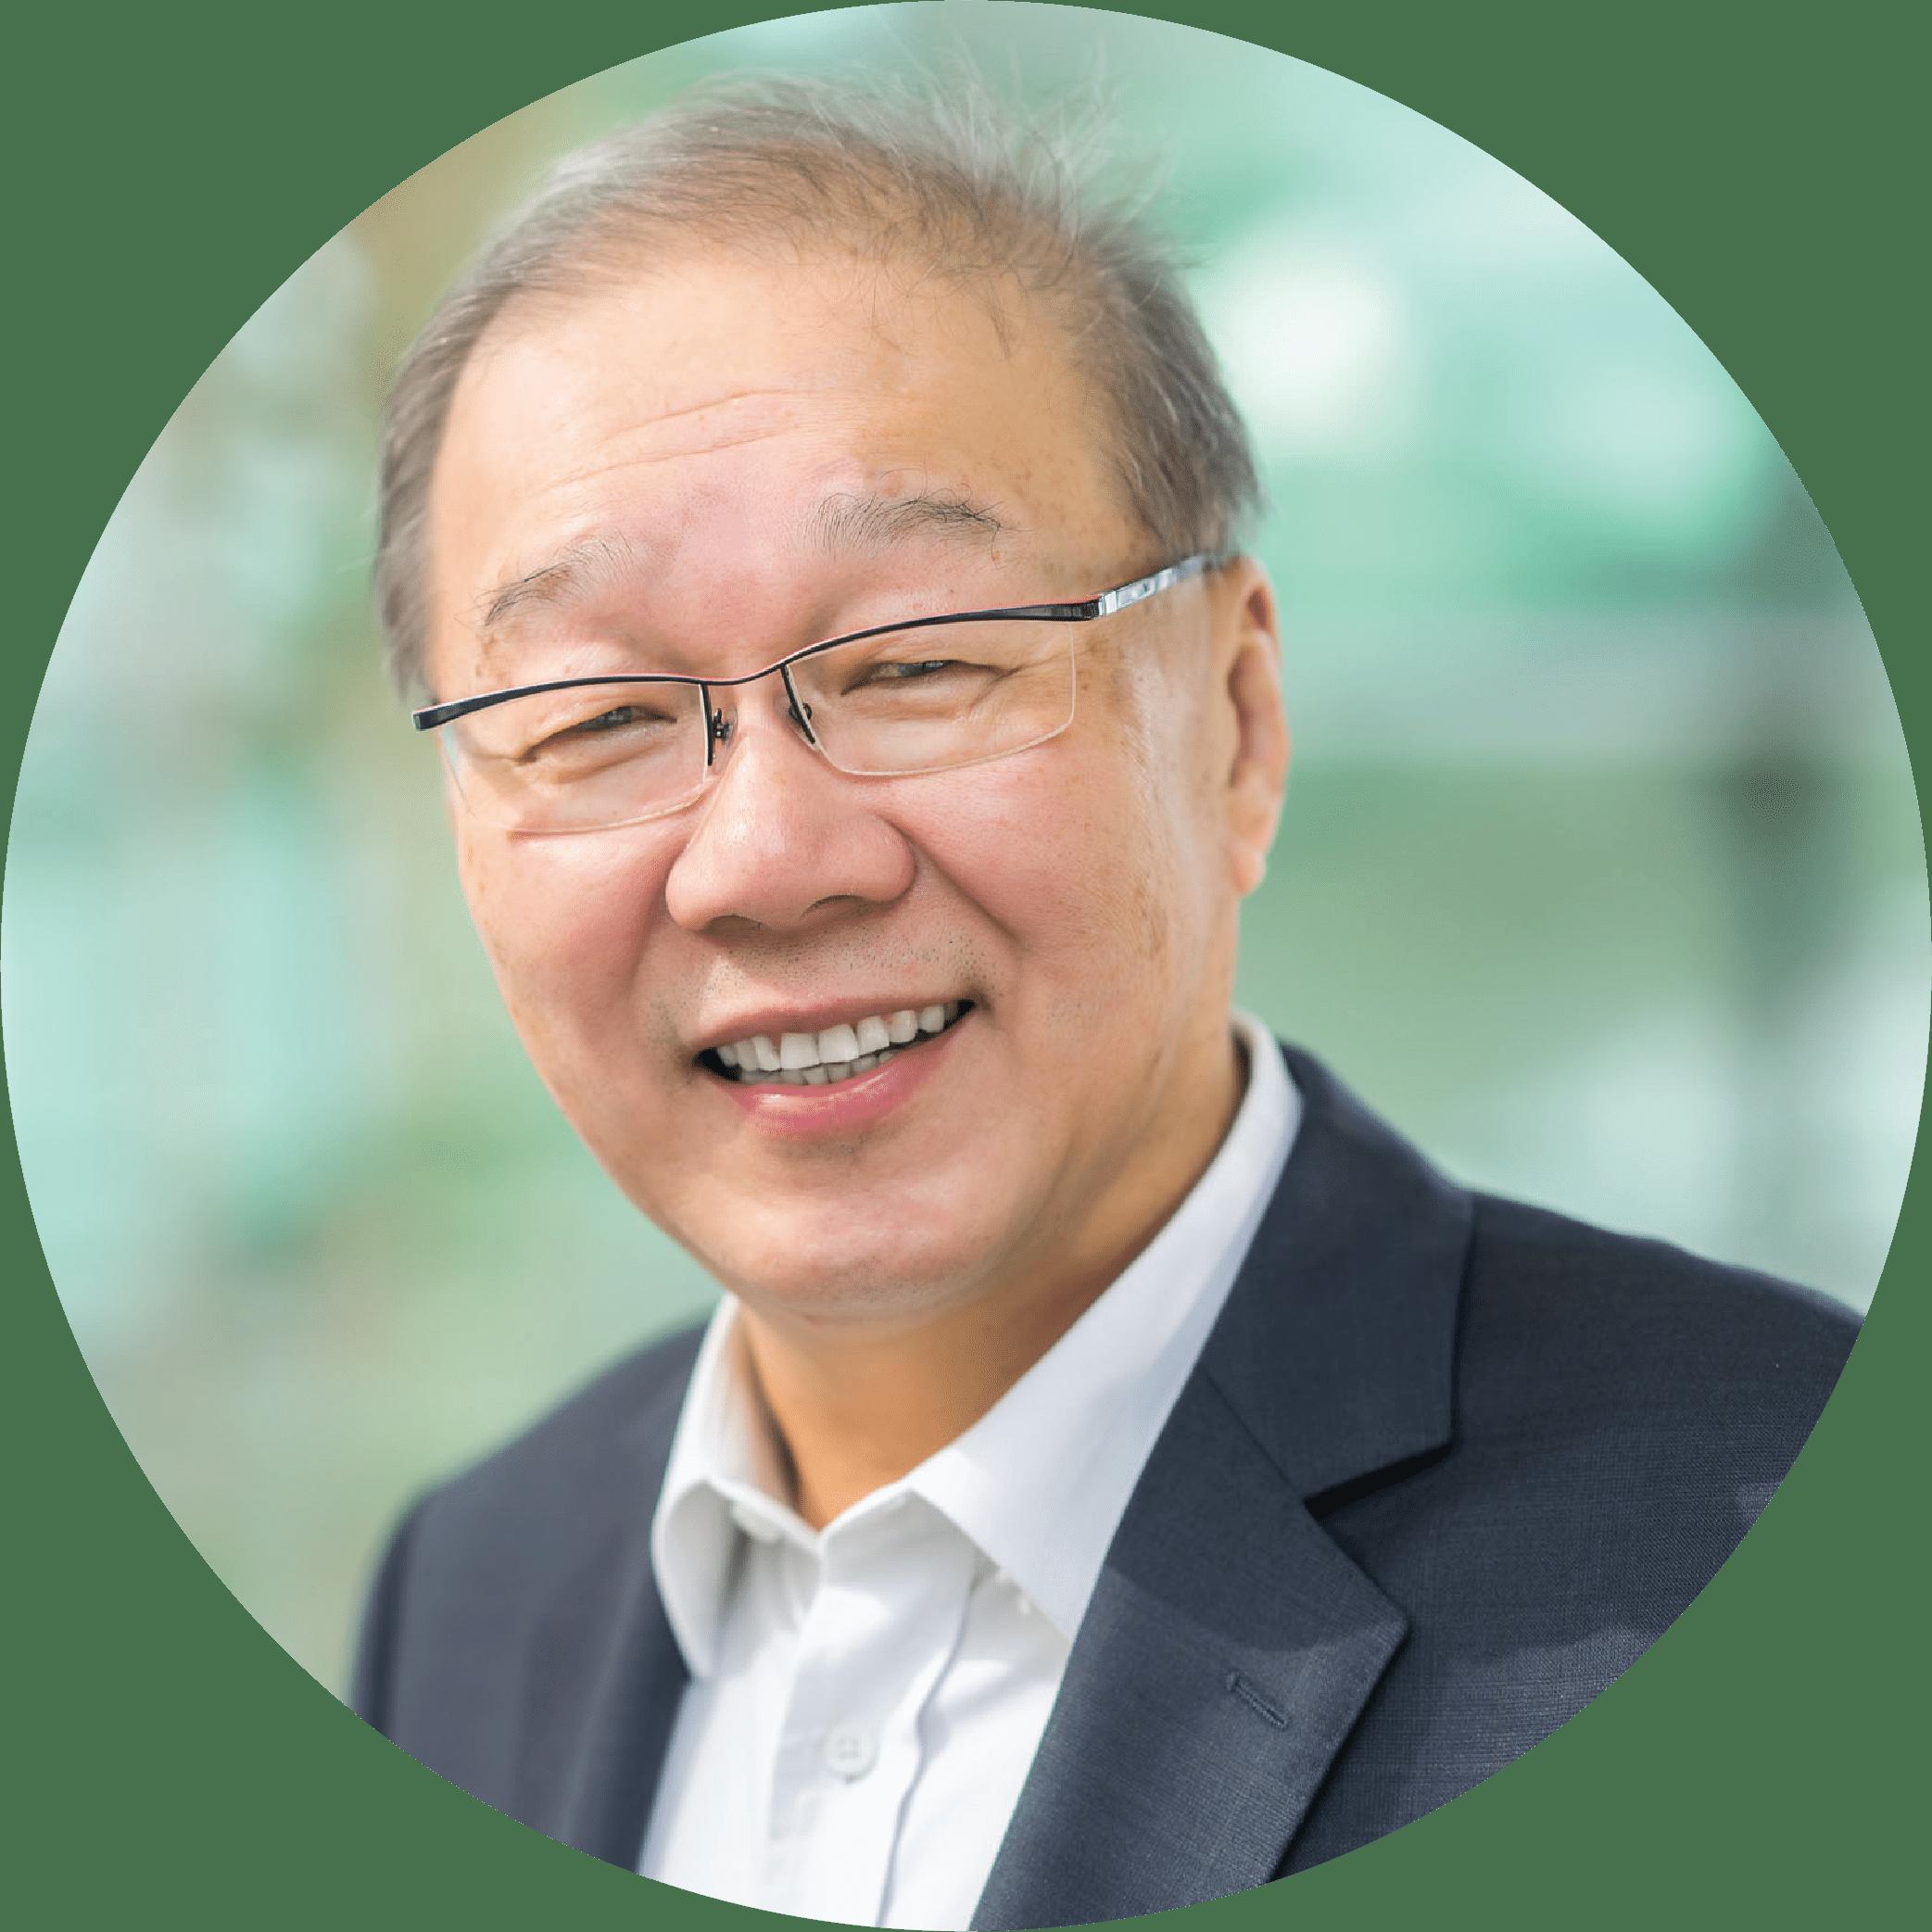 Prof Low Teck Seng